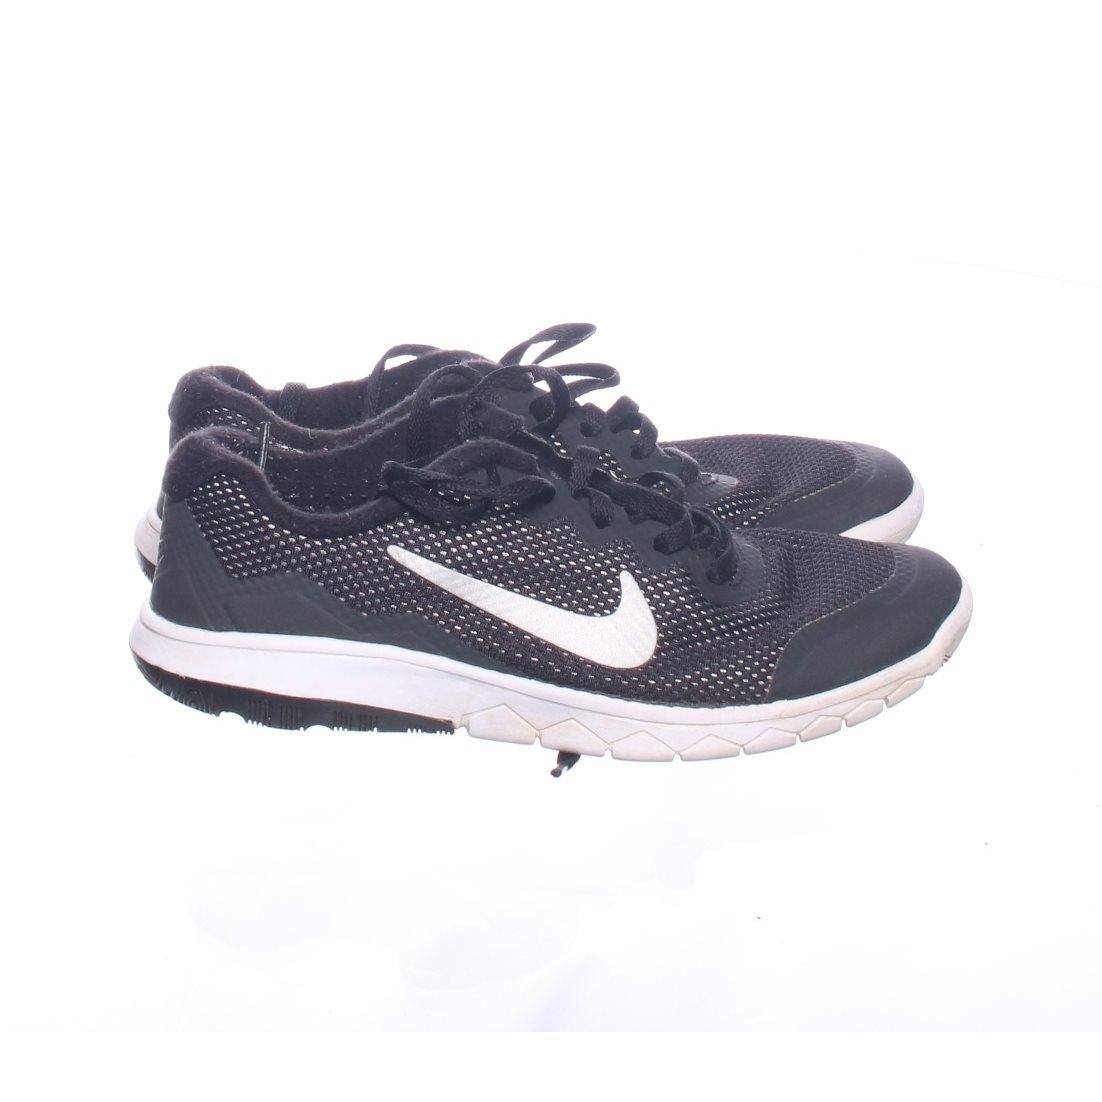 brand new be9b9 d477c Nike, Träningsskor, Strl  36, Flex Experience RN 4, Svart